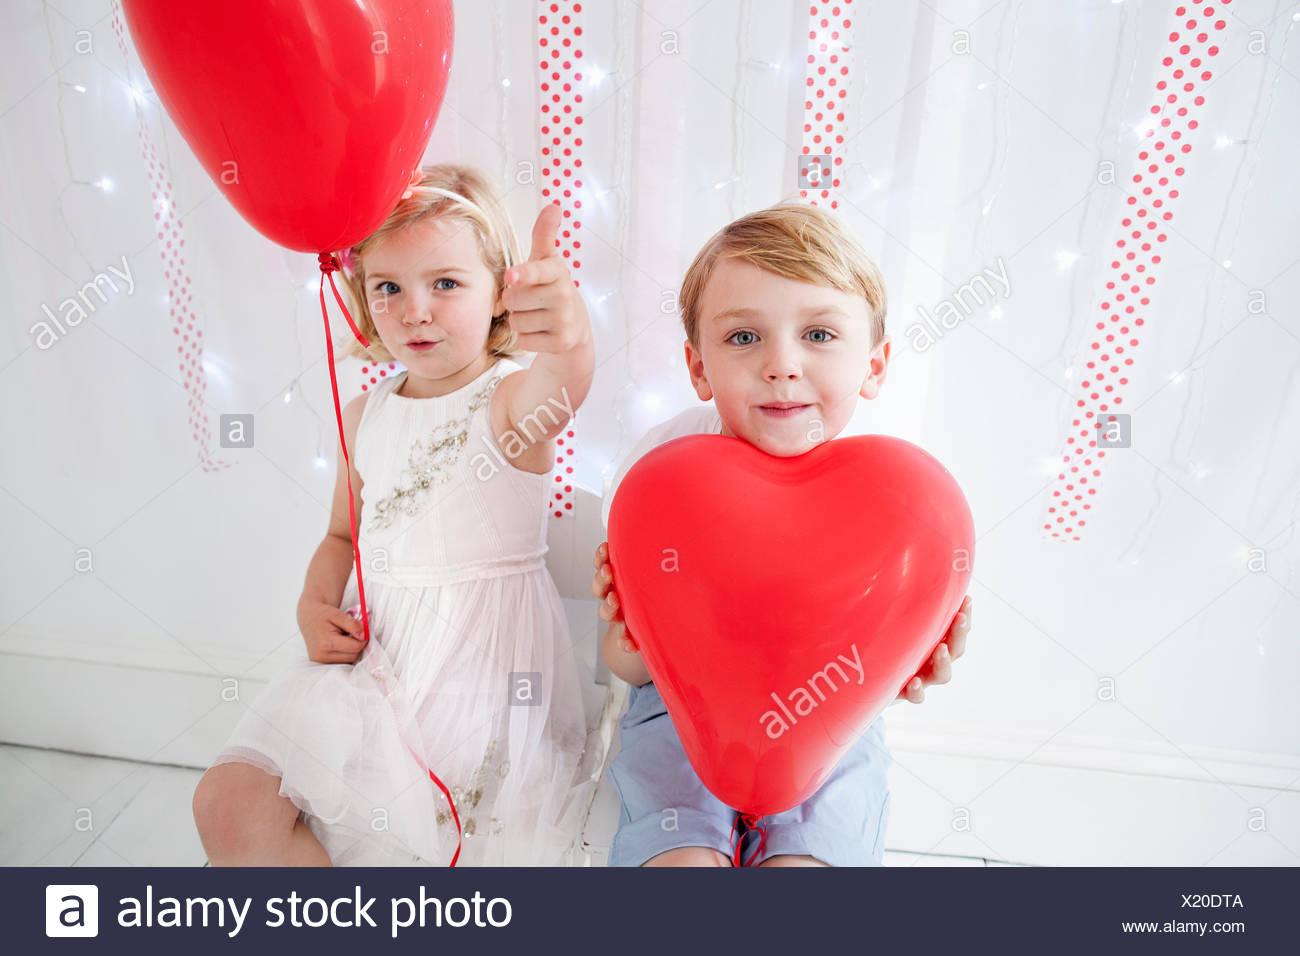 Ragazzo e ragazza in posa per una foto in un studio di fotografi, tenendo palloncini rossi. Immagini Stock